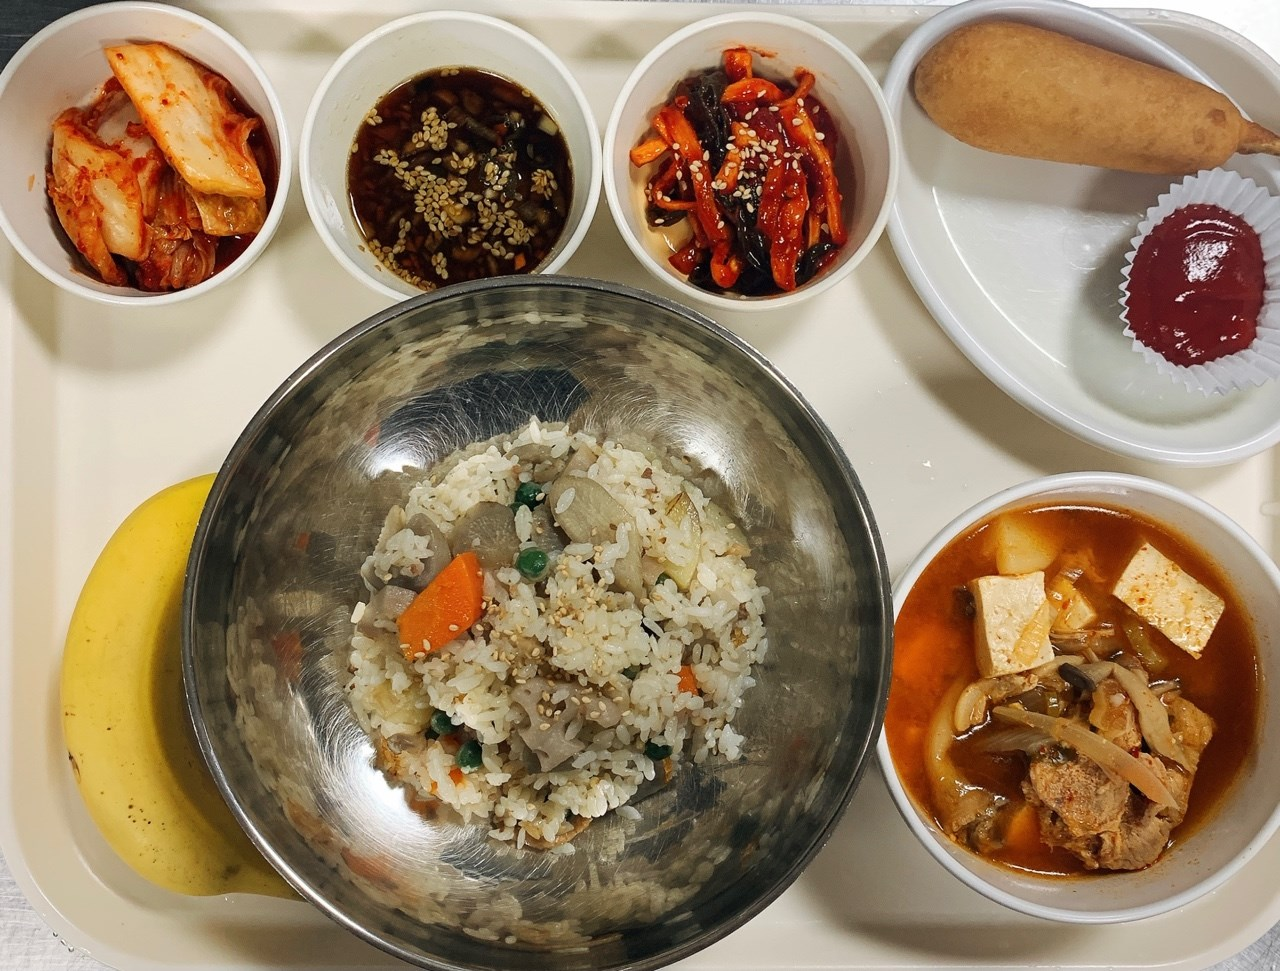 뿌리채소영양밥&고추장찌개&핫도그/케찹&무말랭이무침&포기김치